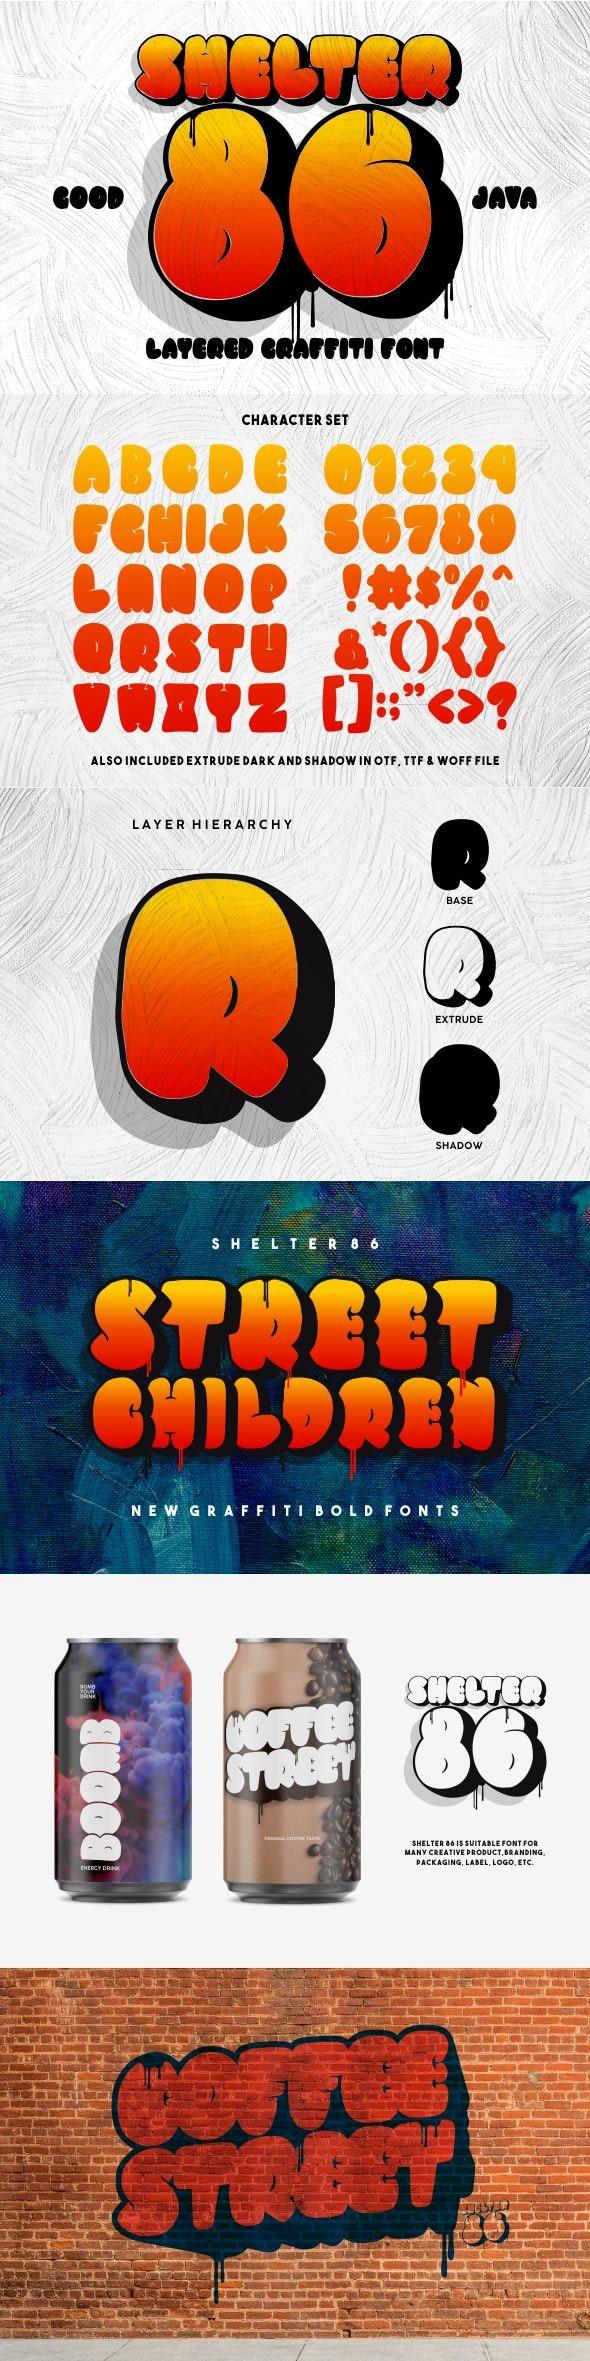 Shelter 86 - Graffiti Fonts